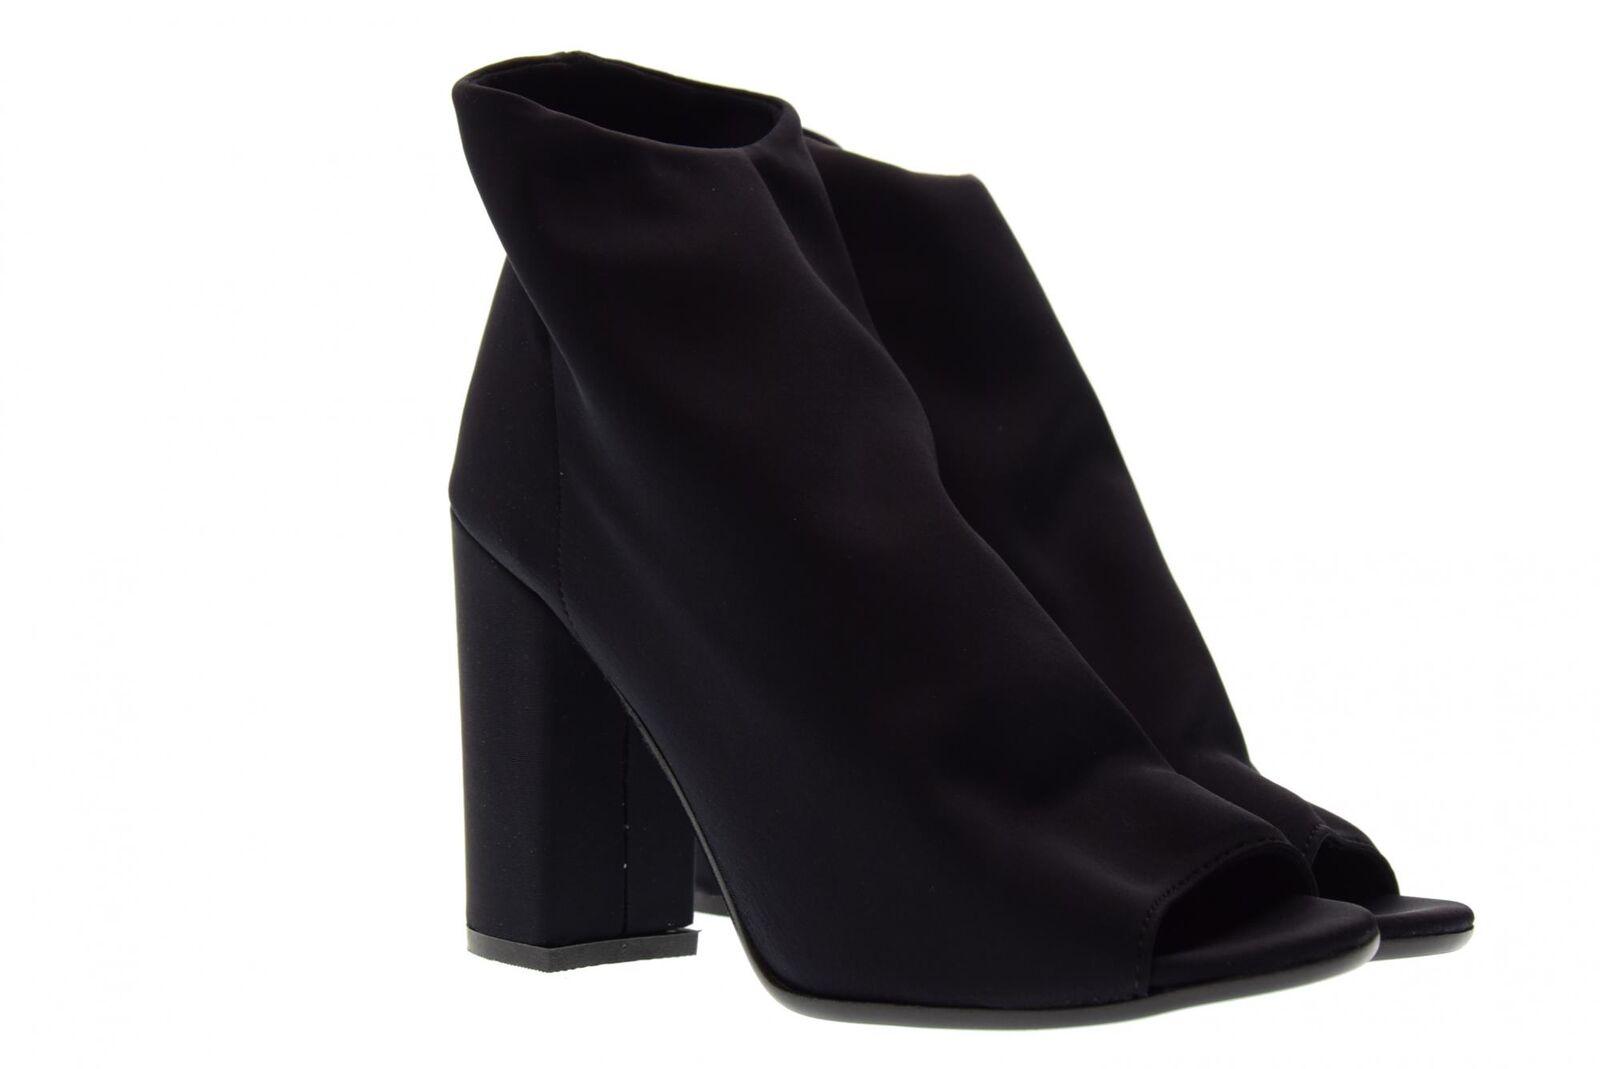 Grandes zapatos con descuento Ovye botines de mujer botines DL-MARC20 NEGRO P18s